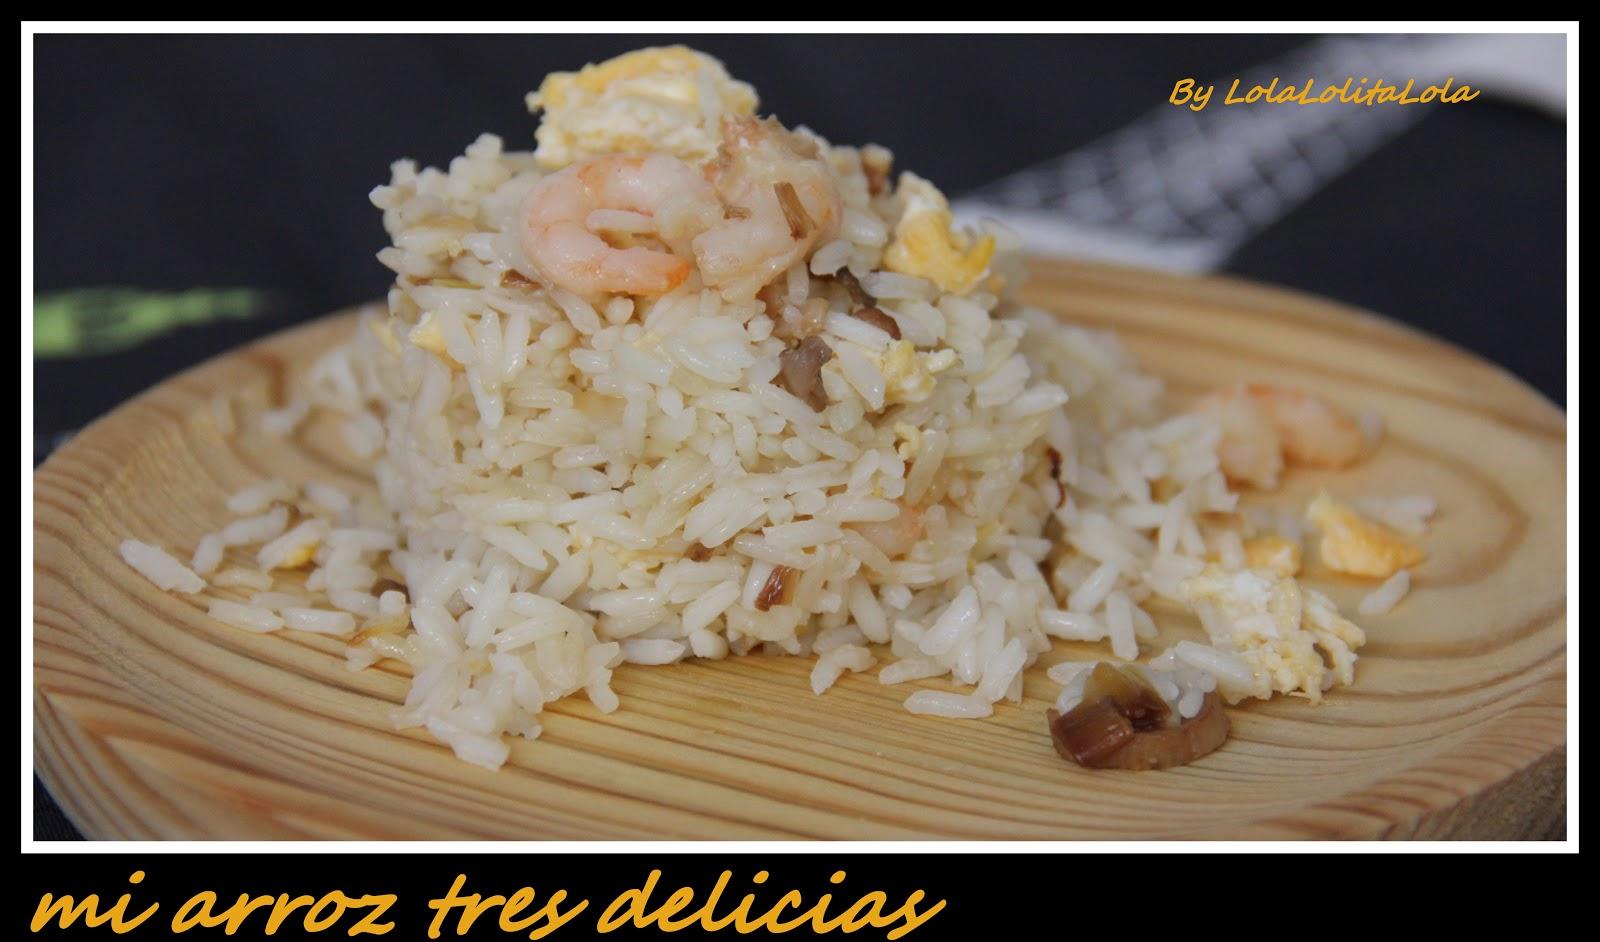 Arroz tres delicias lolitalola receta i for Cocinar arroz 3 delicias